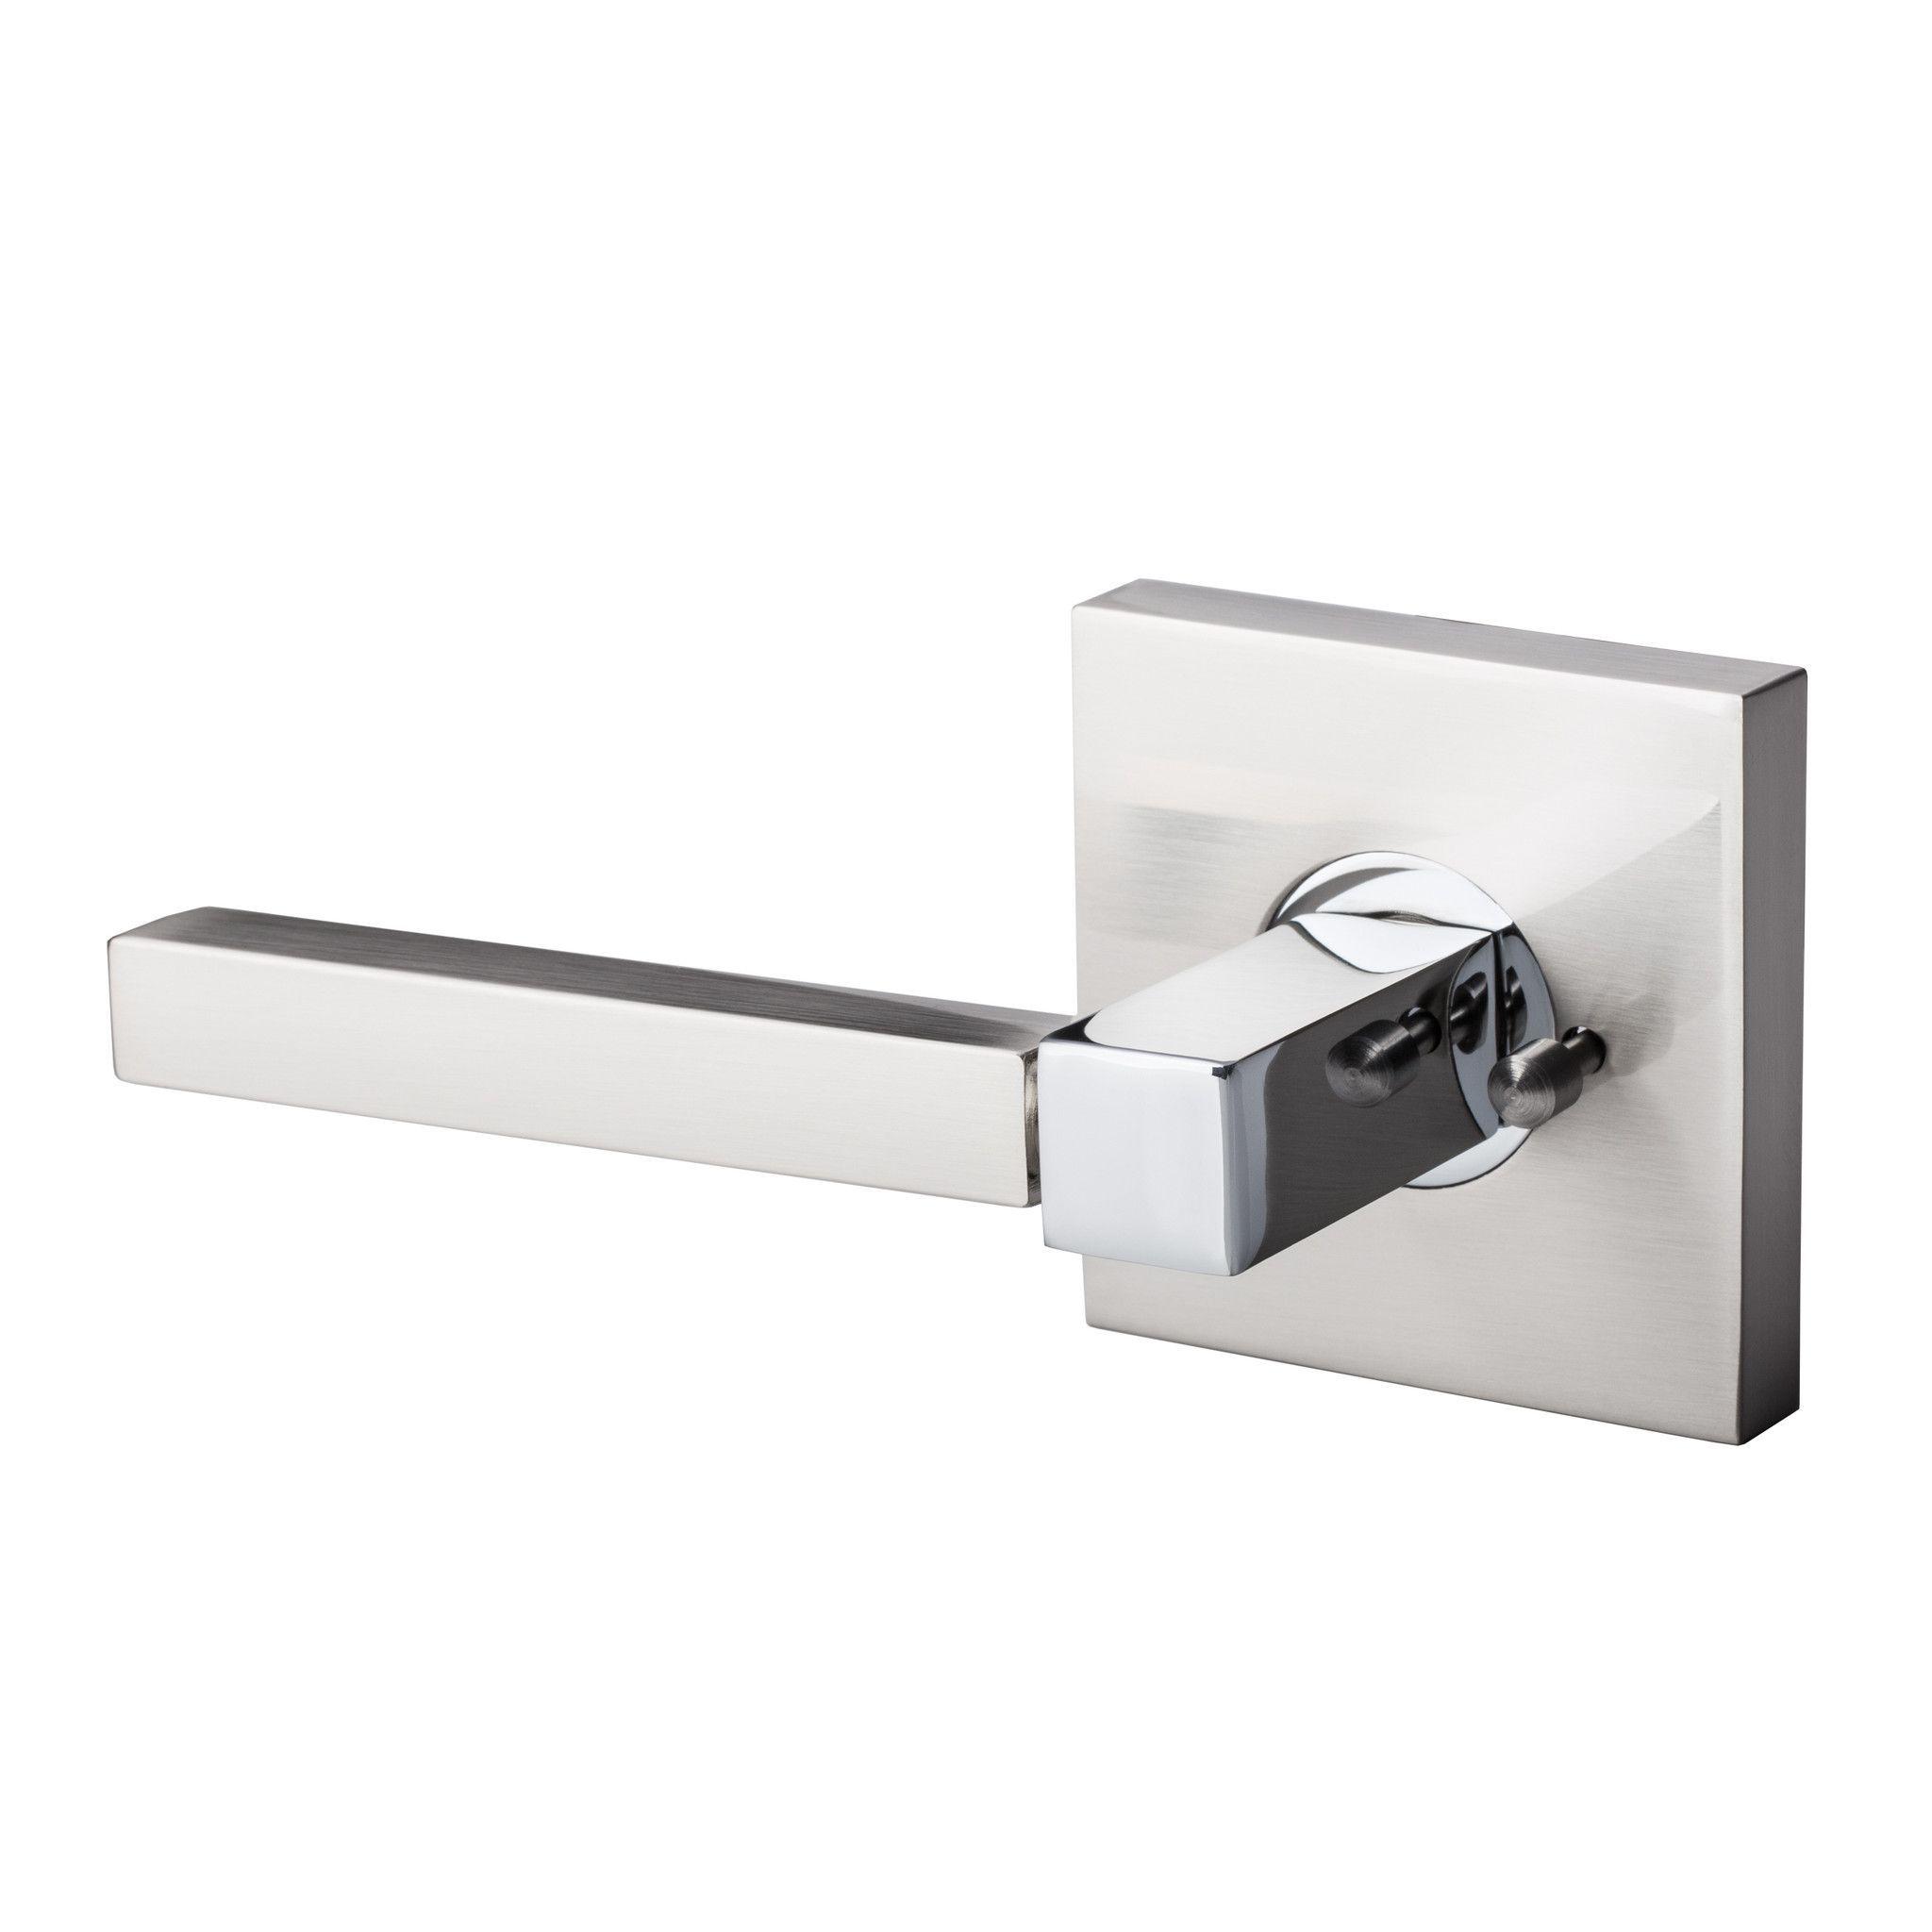 Bai 3028 Modern Passage Door Handle Lever Set With Privacy Pin Function Door Handles Modern Door Handles Bathroom Door Handles